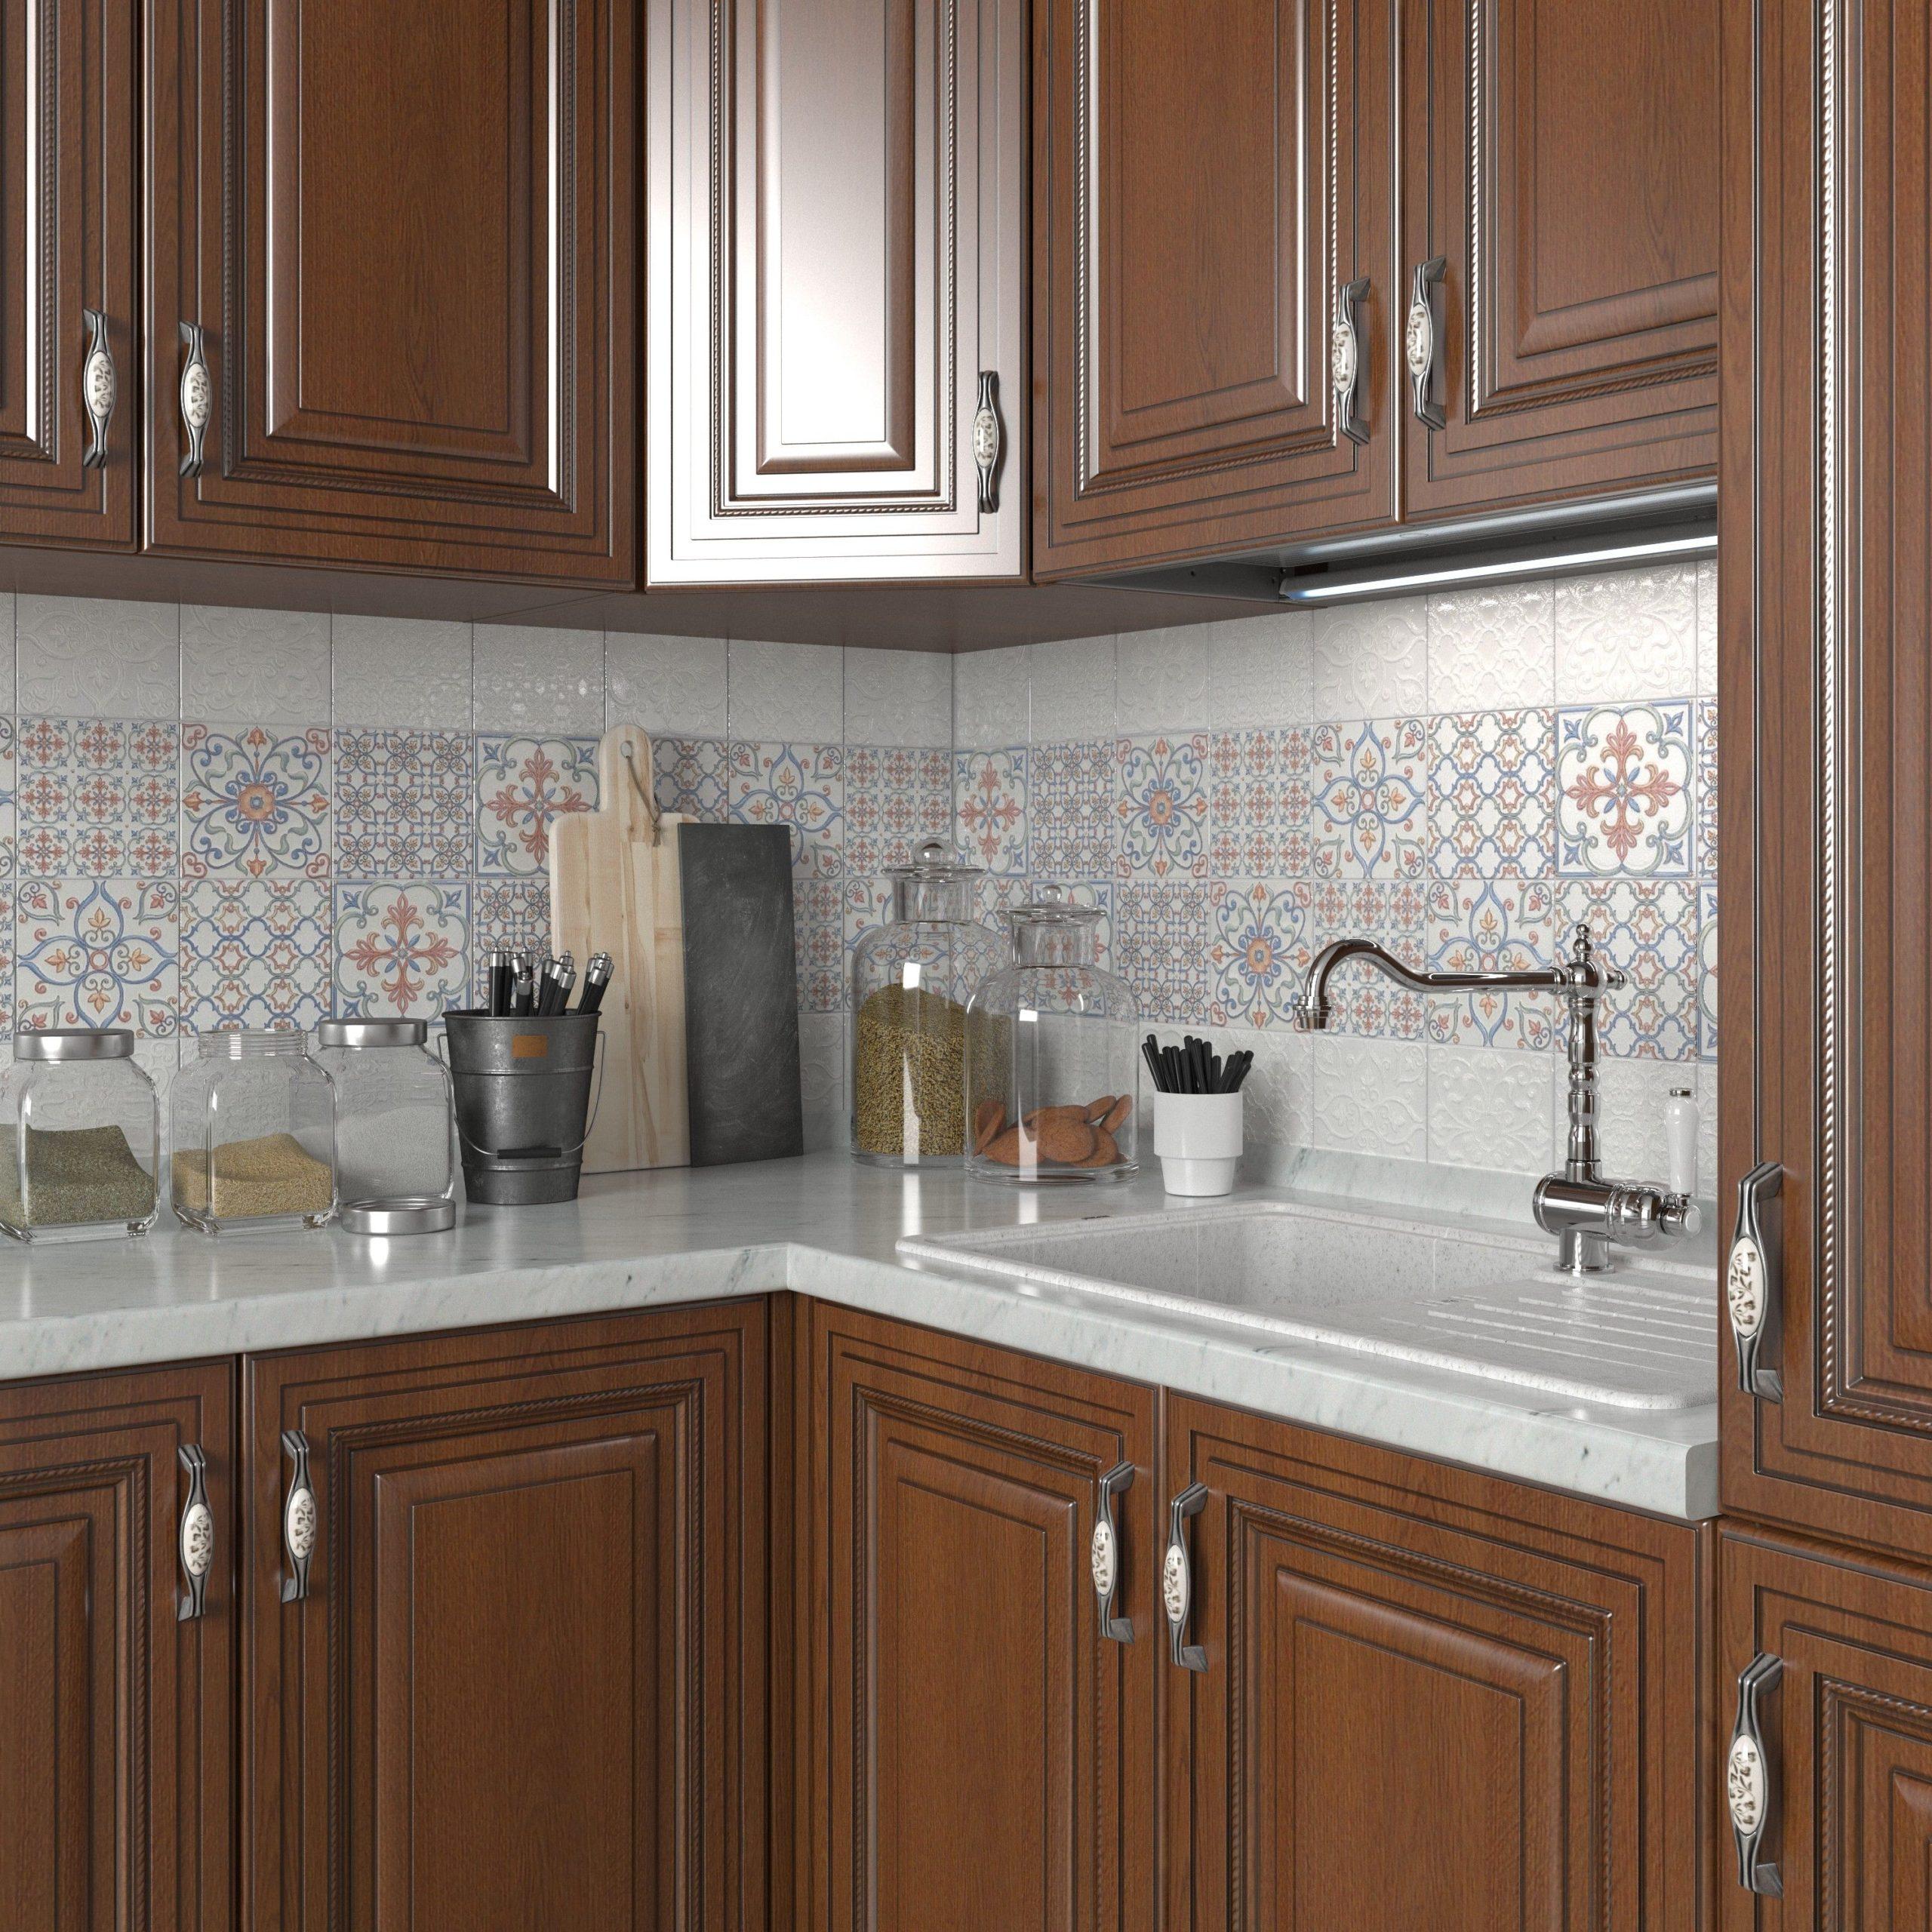 Кухня Interium Классика.21 - стильная рабочая зона